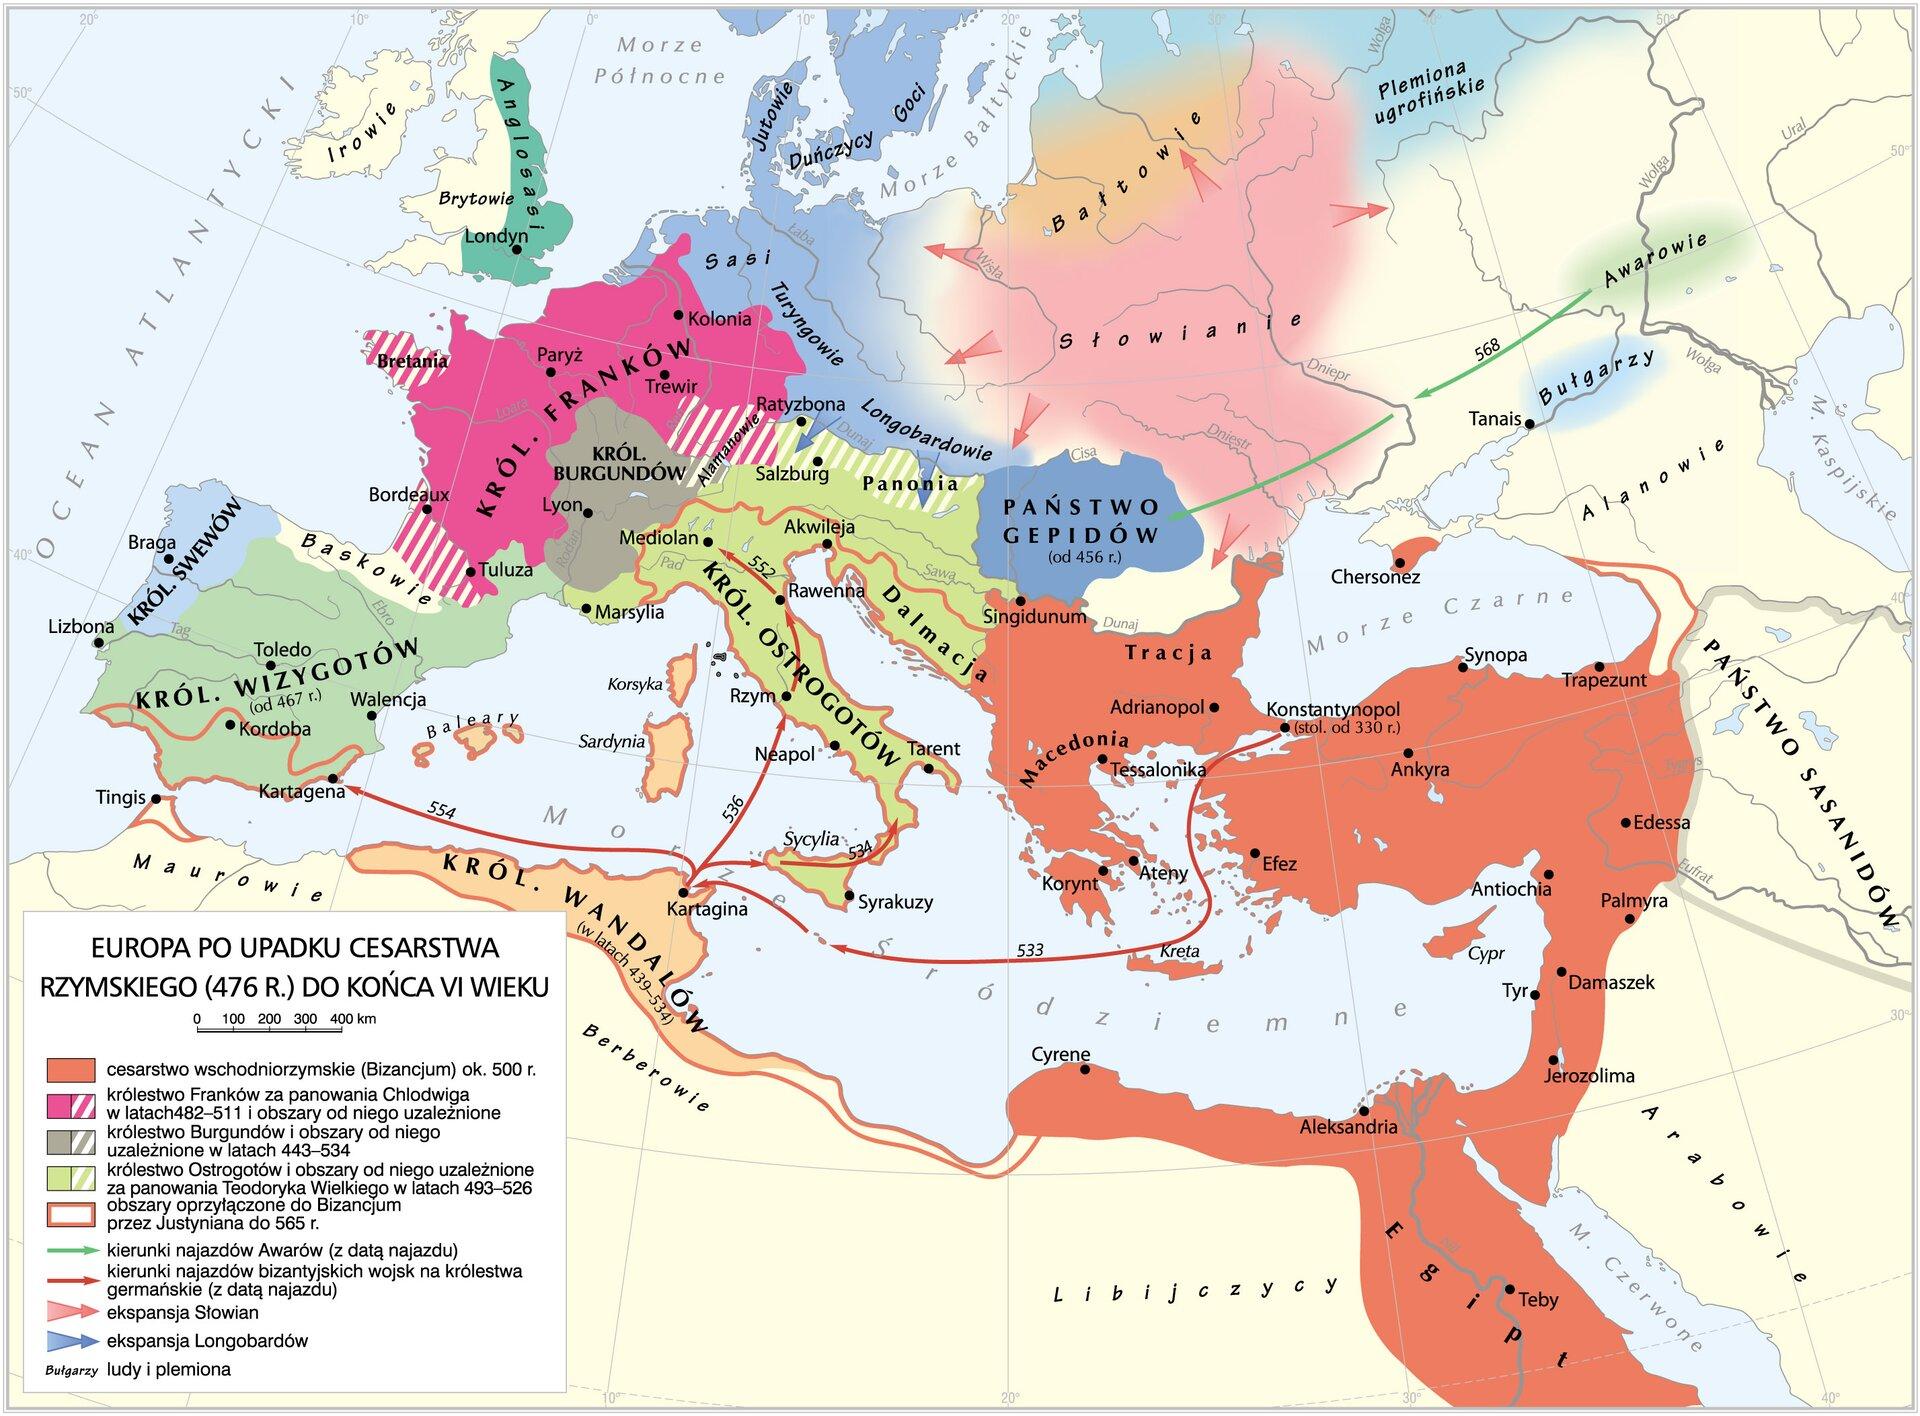 Europa po upadku cesarstwa rzymskiego Europa po upadku cesarstwa rzymskiego Źródło: Krystian Chariza izespół.